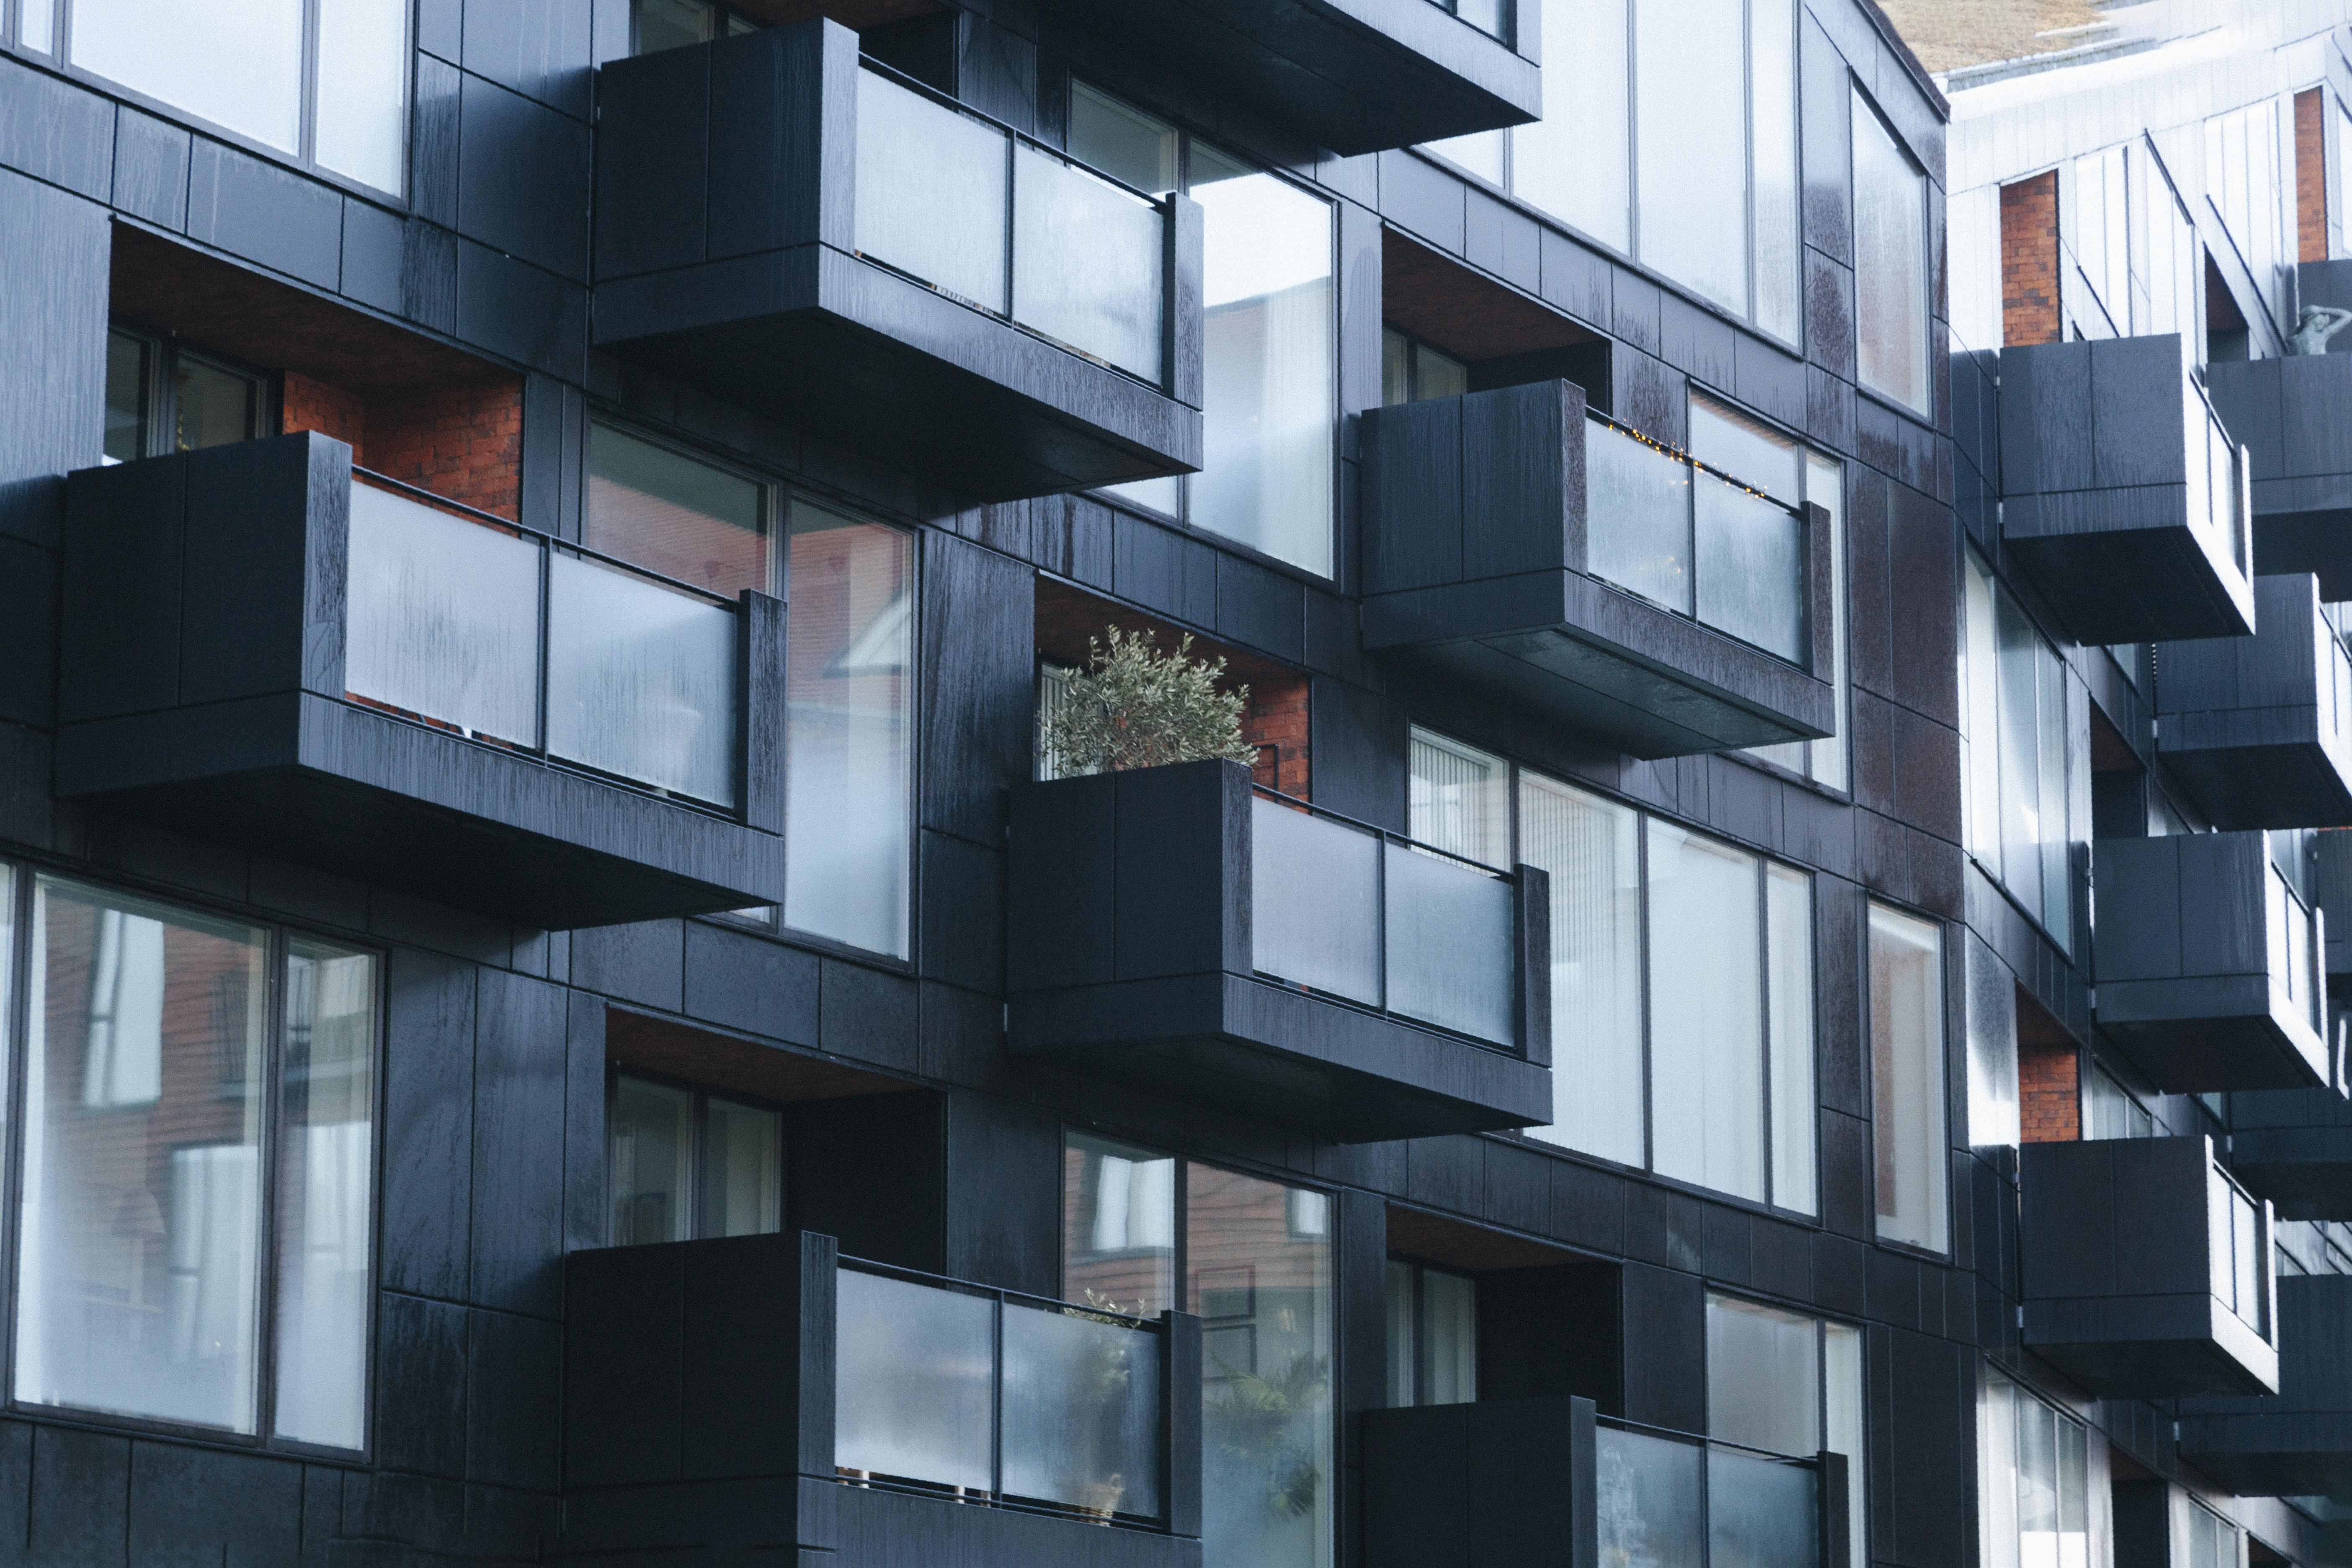 Vue d'un immeuble noir avec des balcons